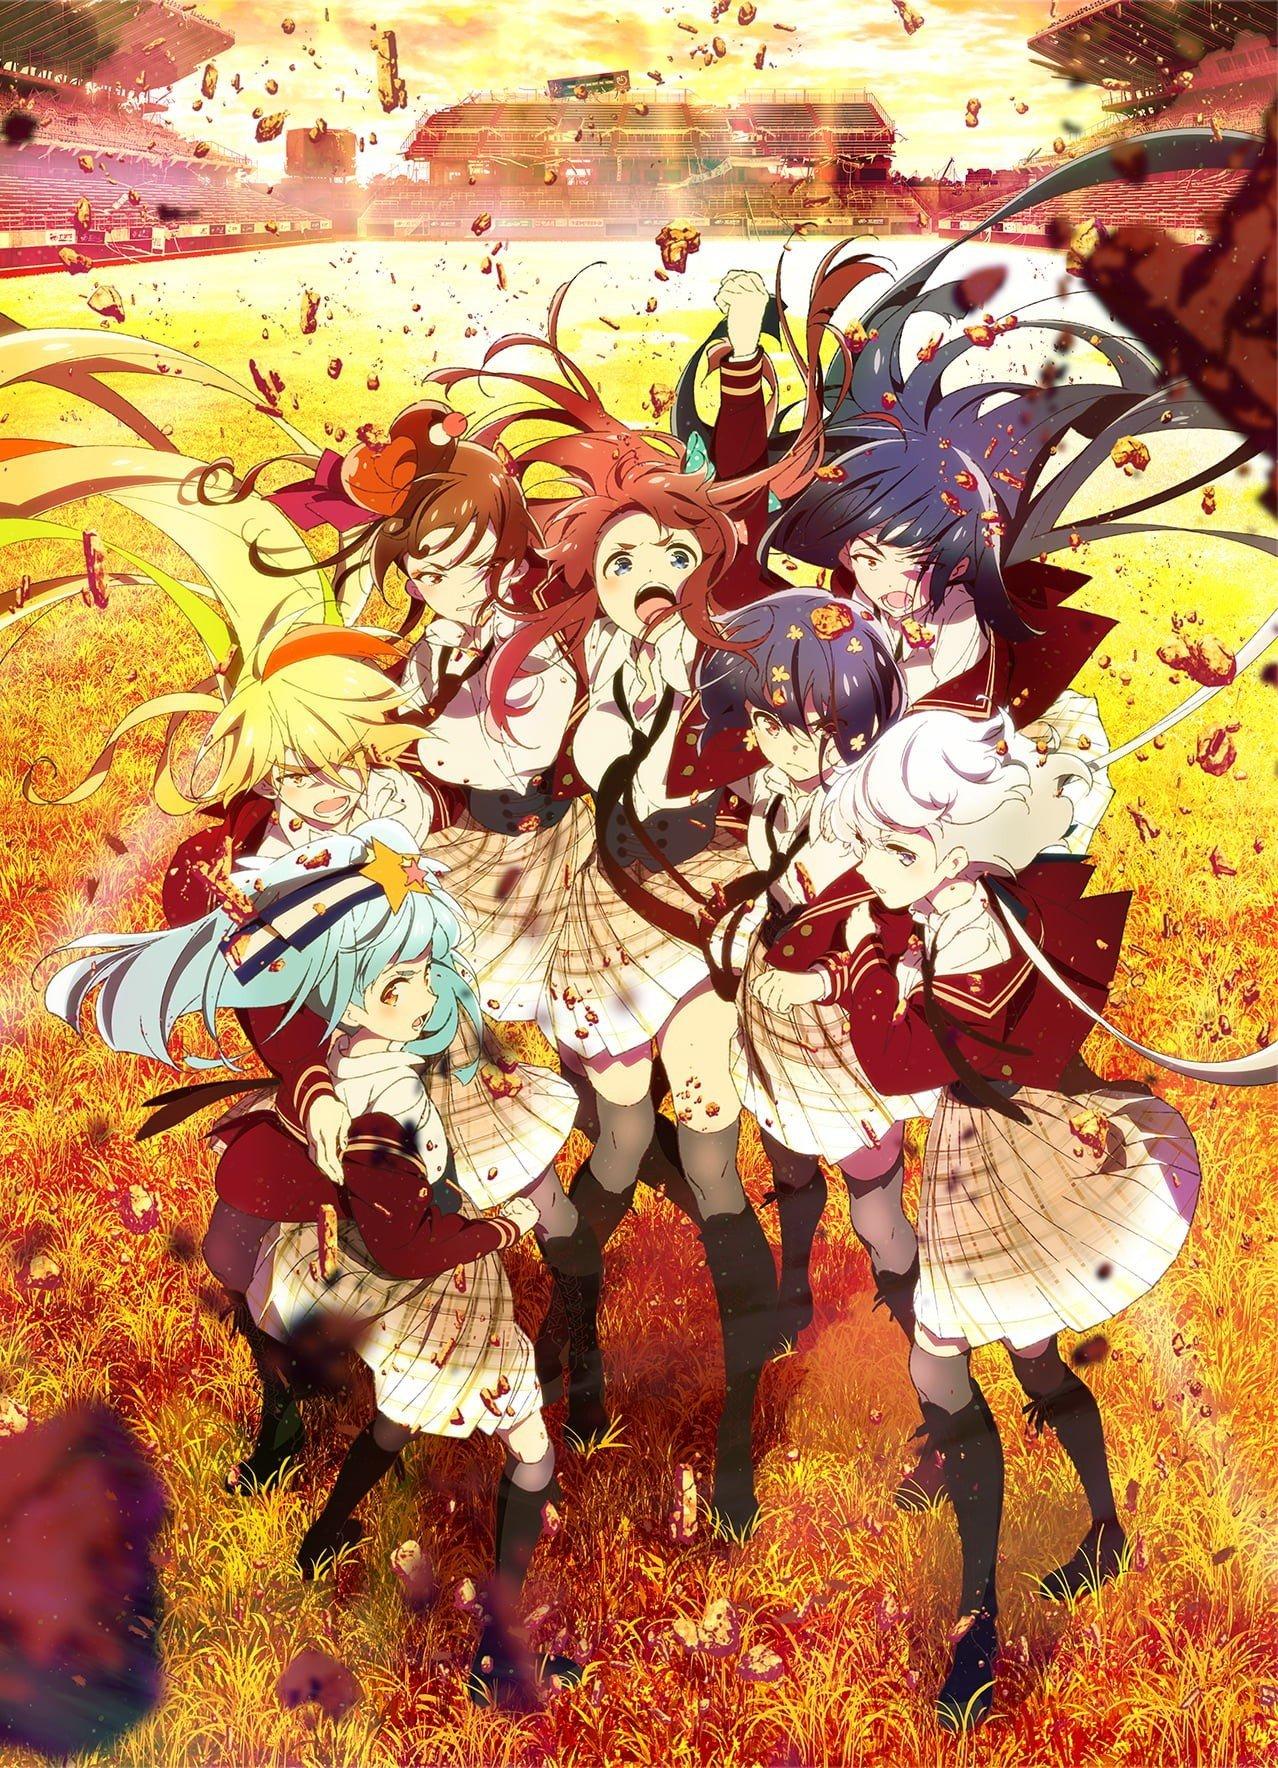 Imagen promocional de 'Zombieland Saga Revenge' con todas las protagonistas reunidas mientras el viento las impulsa desde abajo.